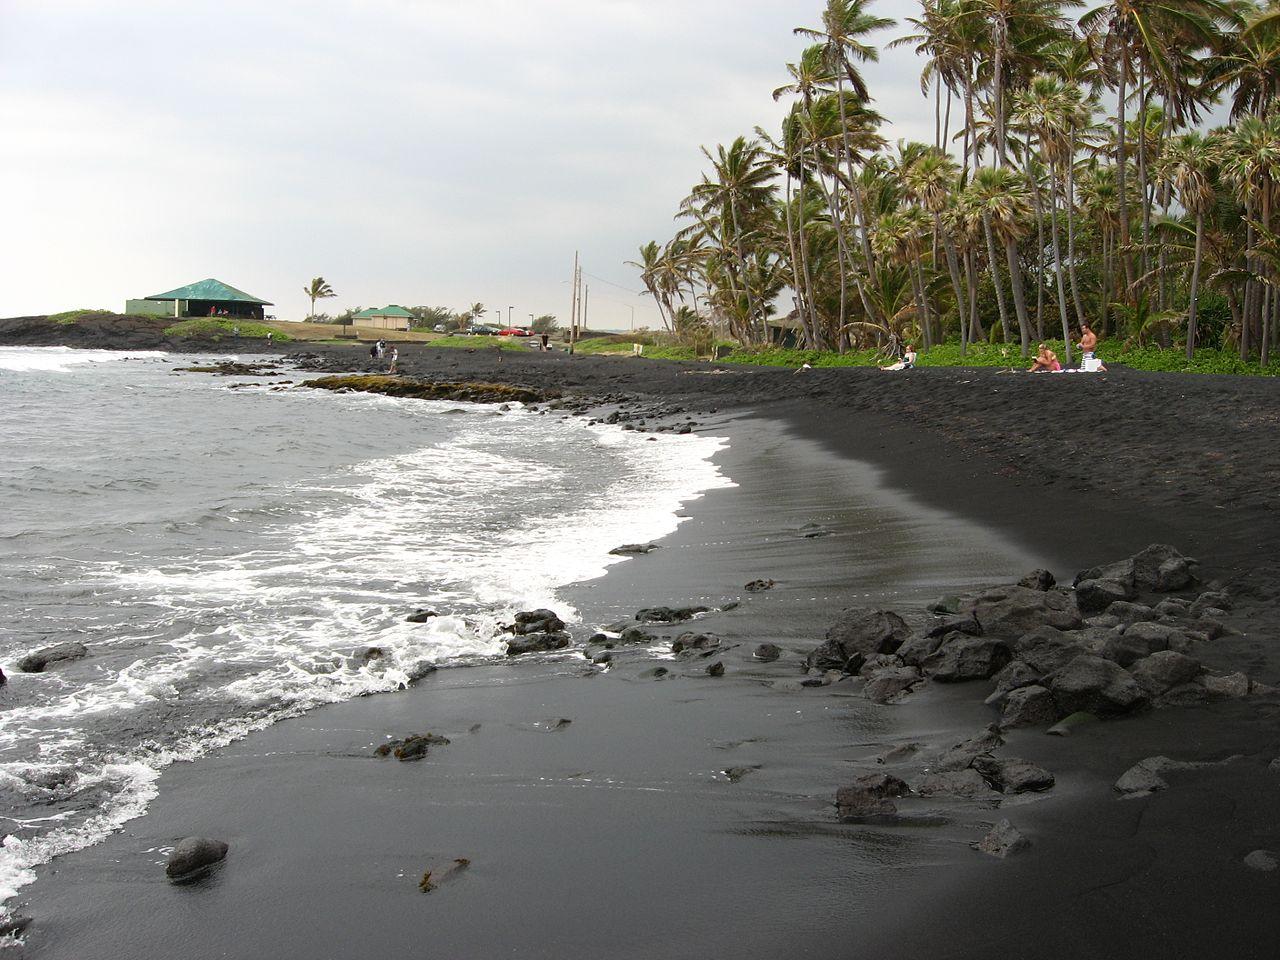 Punalu'u Beach - Best beach in Hawaii